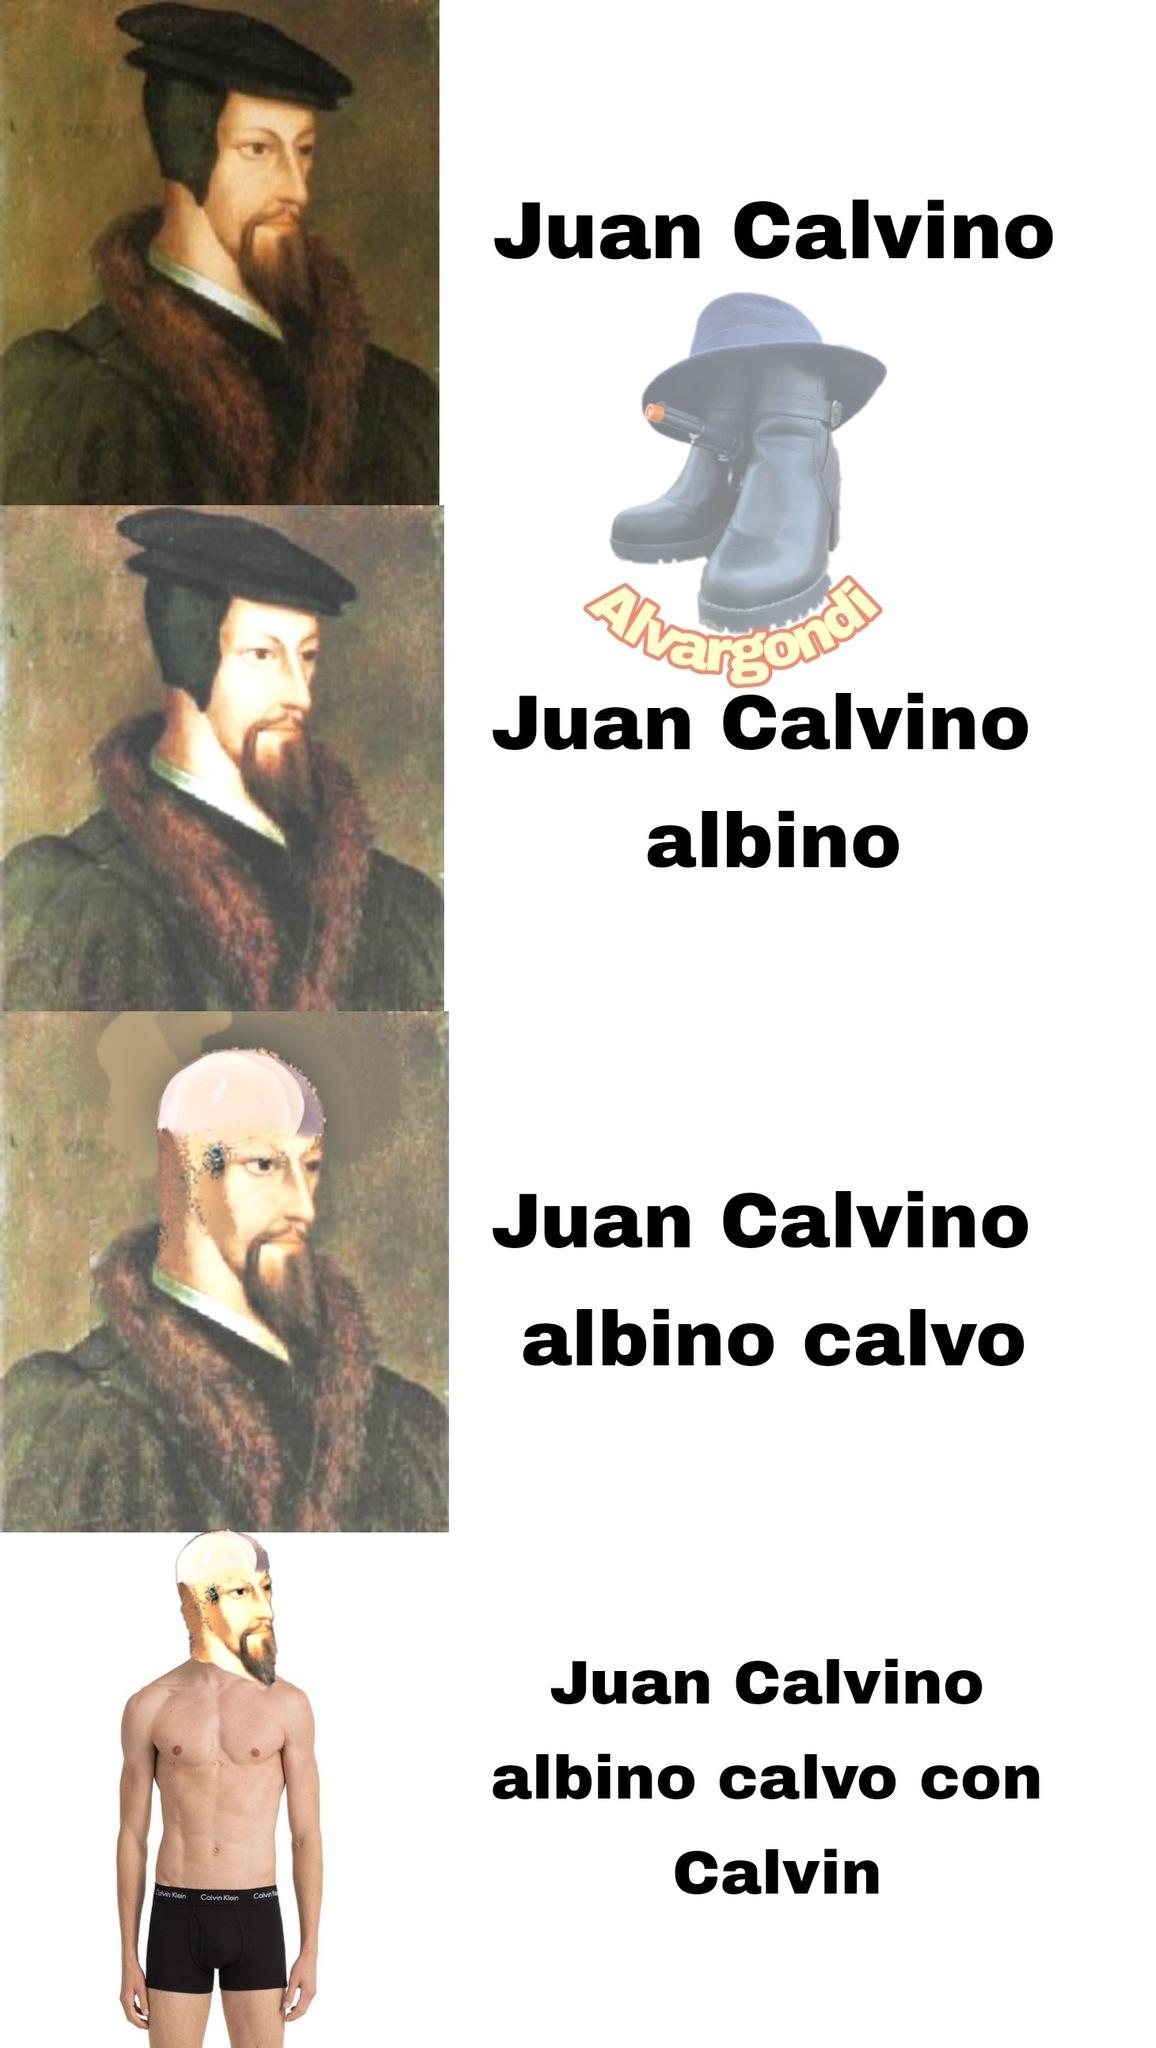 El meme es calvinista